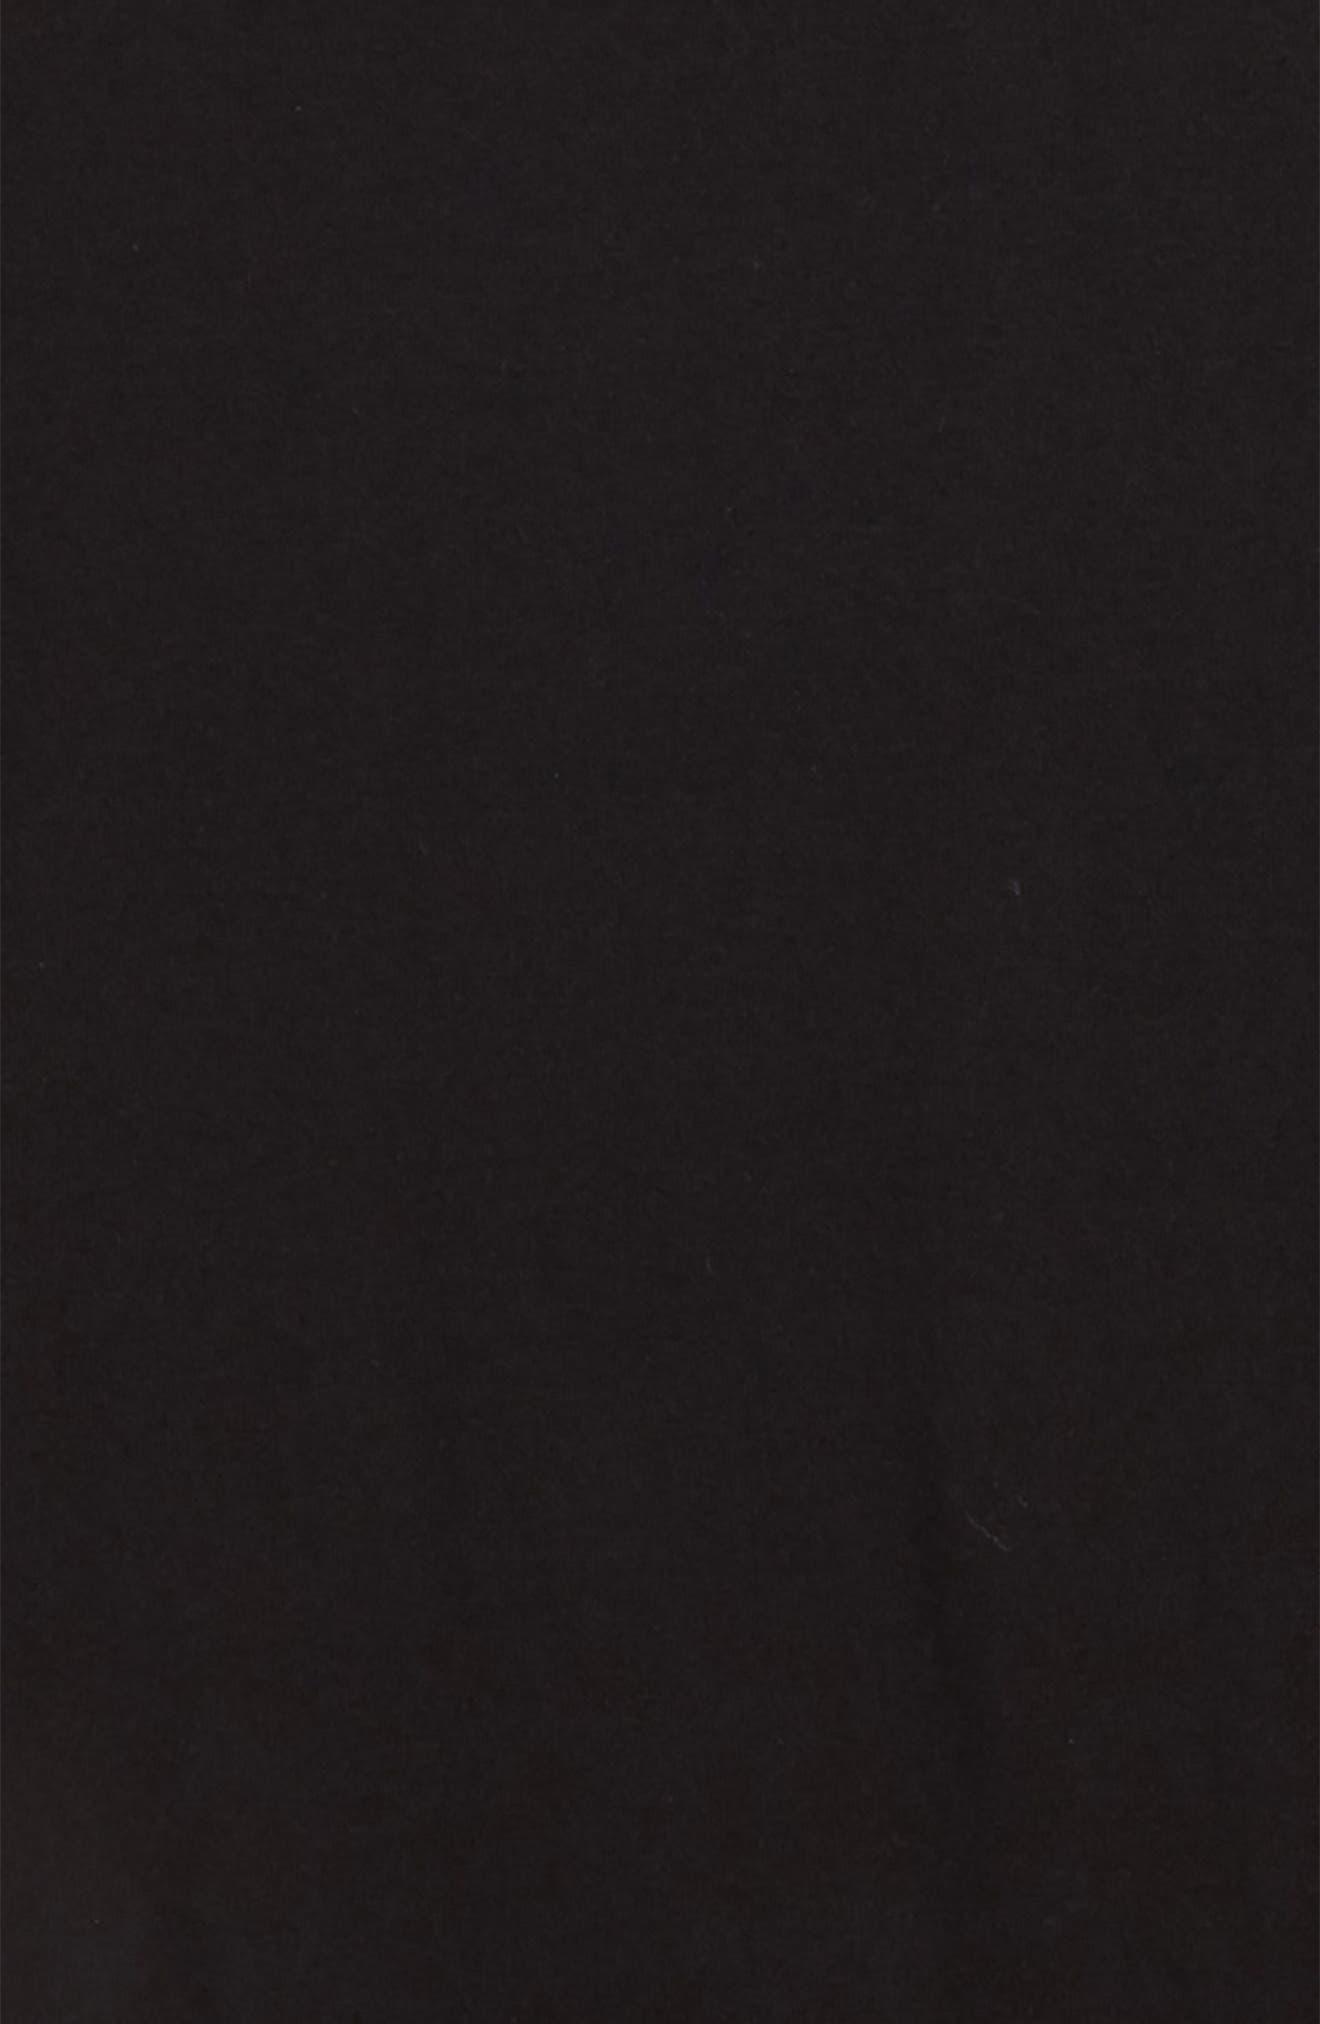 Teagan Roll Cuff Tee,                             Alternate thumbnail 2, color,                             BLACK